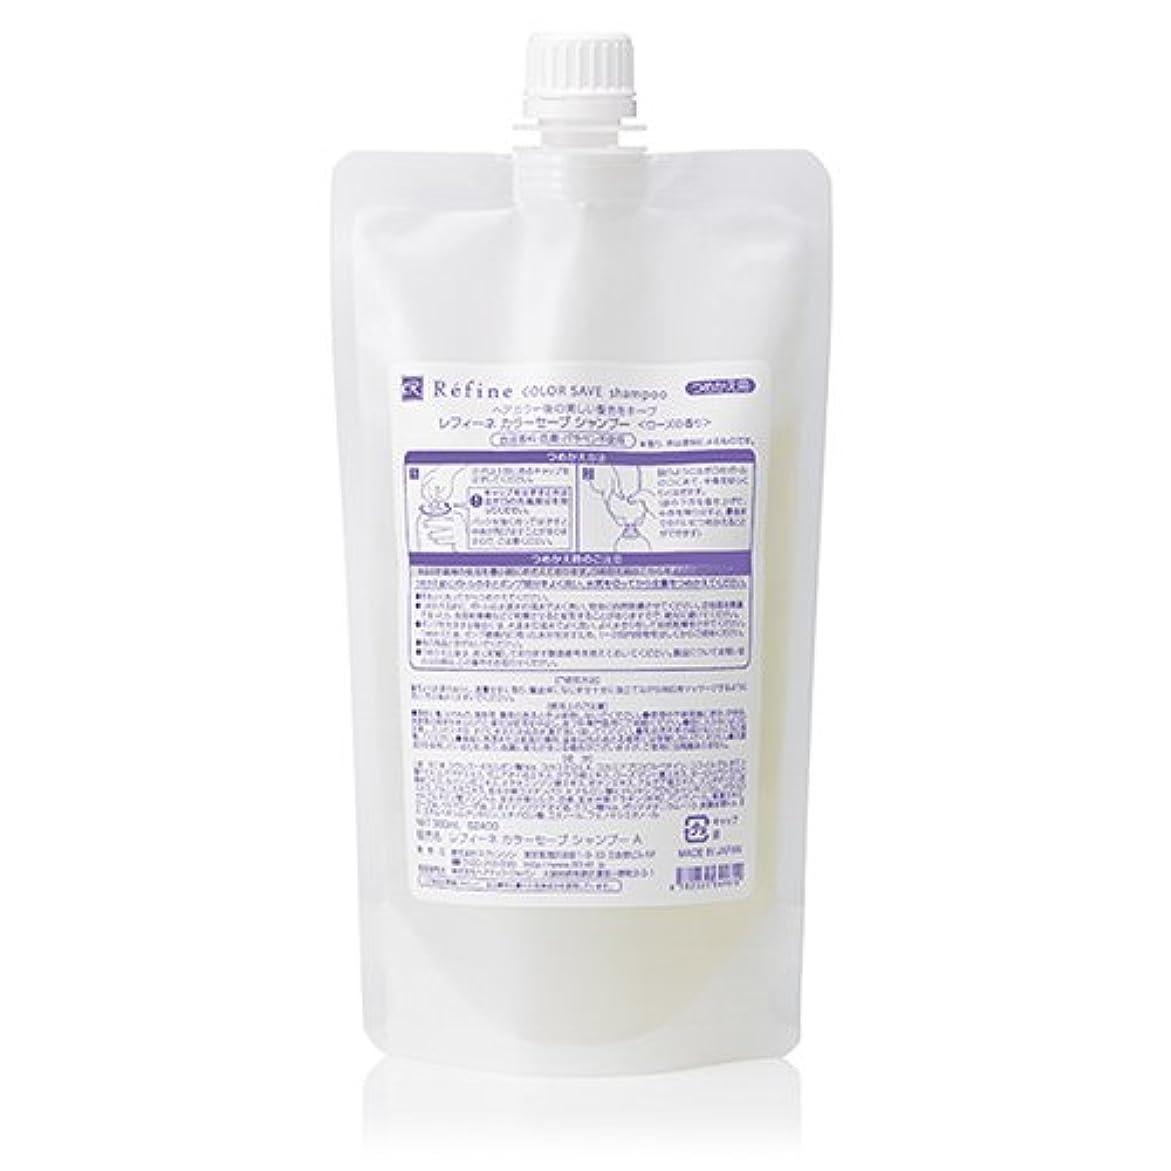 エイズペンダント動くレフィーネ カラーセーブシャンプー 380mL(詰替え用)ラベンダーの香り